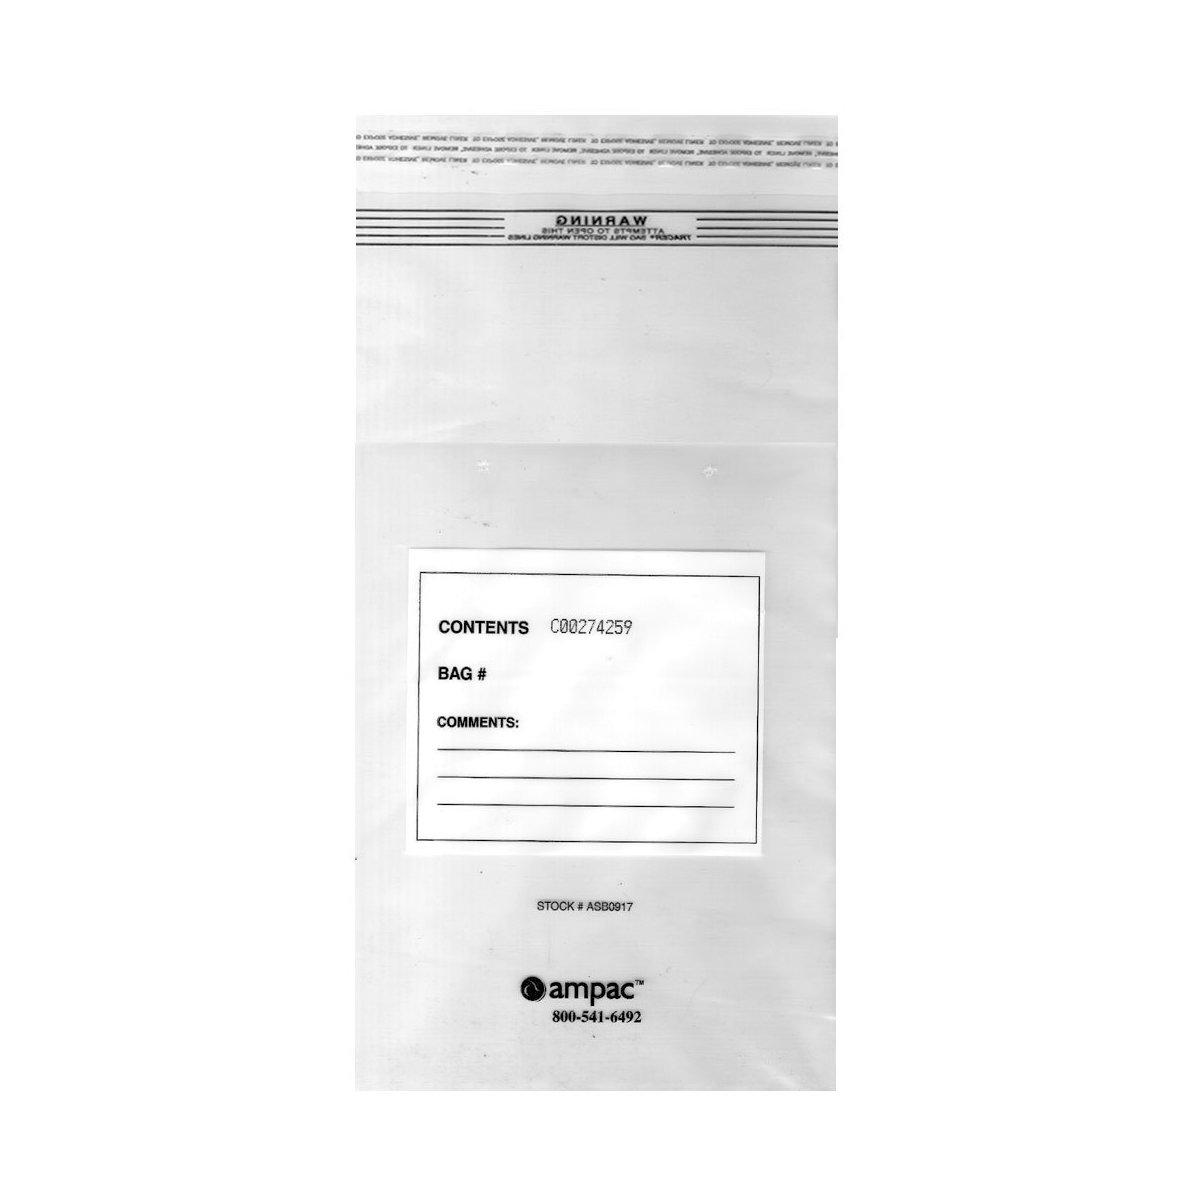 ASB0917, KeepSafe Secure, 25 Pound Tamper-Evident Coin Hopper Fill Bag Case of 500